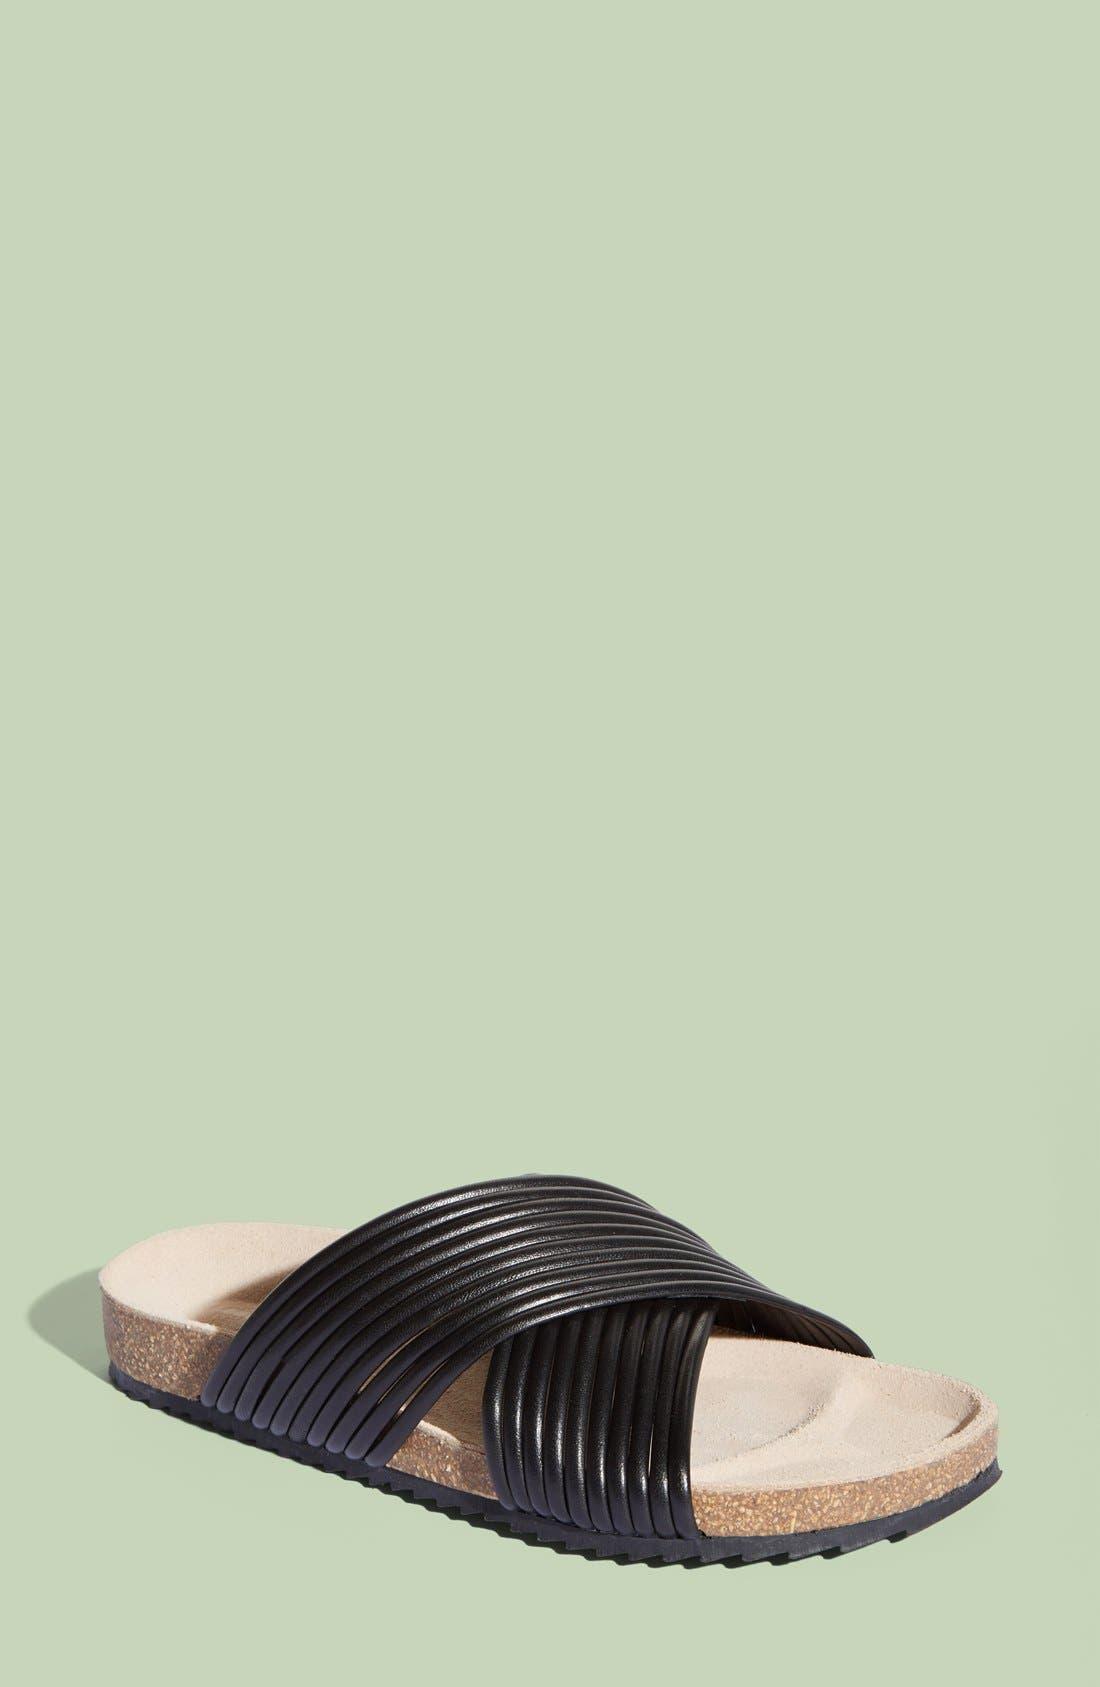 LOEFFLER RANDALL 'Petra' Slide Footbed Sandal, Main, color, 001